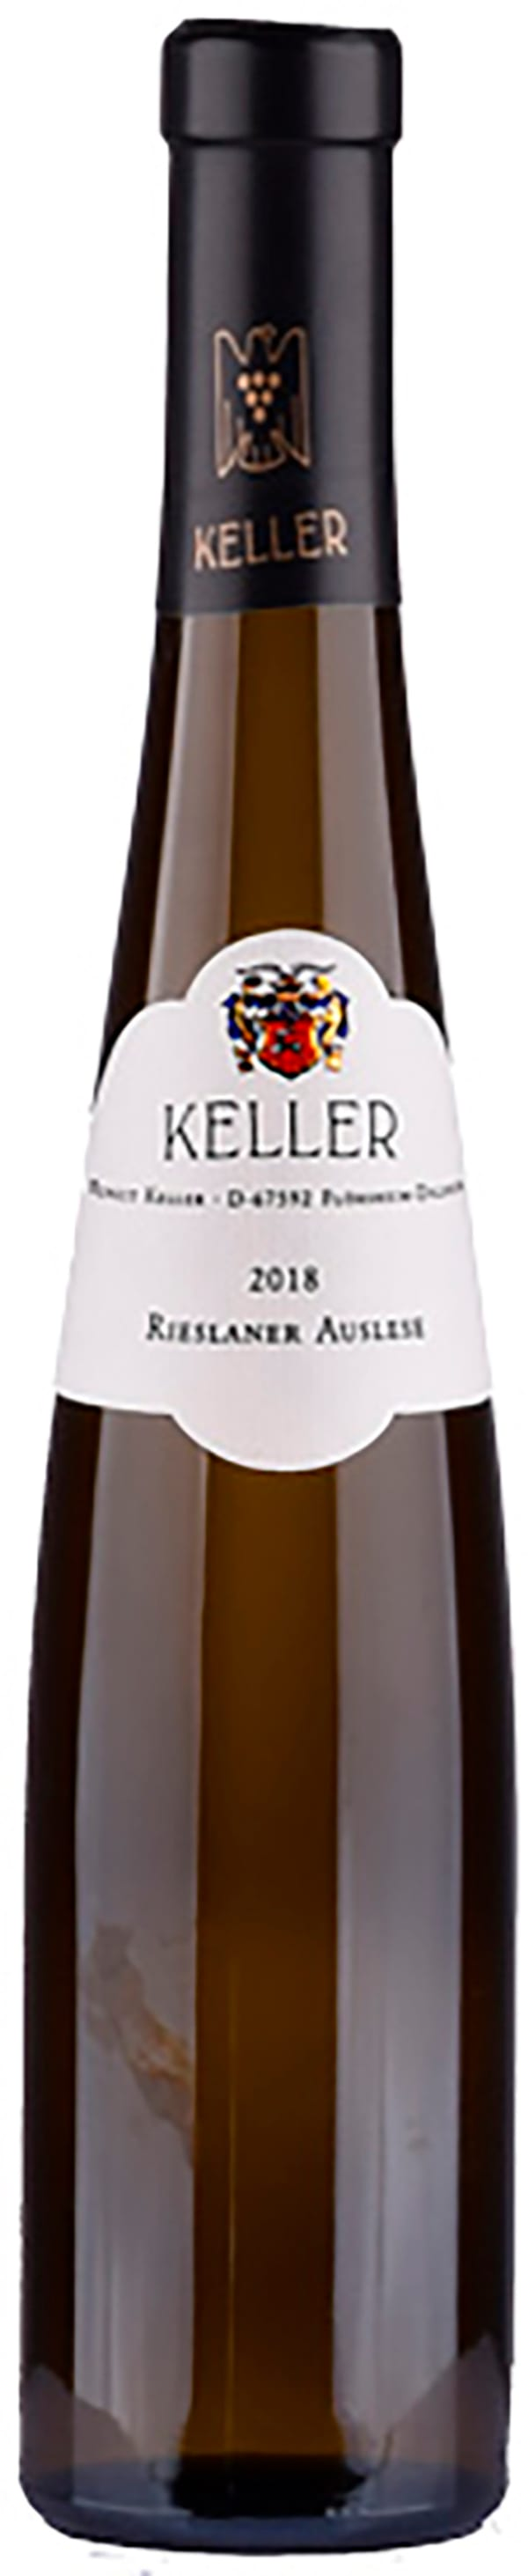 Keller Rieslaner Auslese 2018